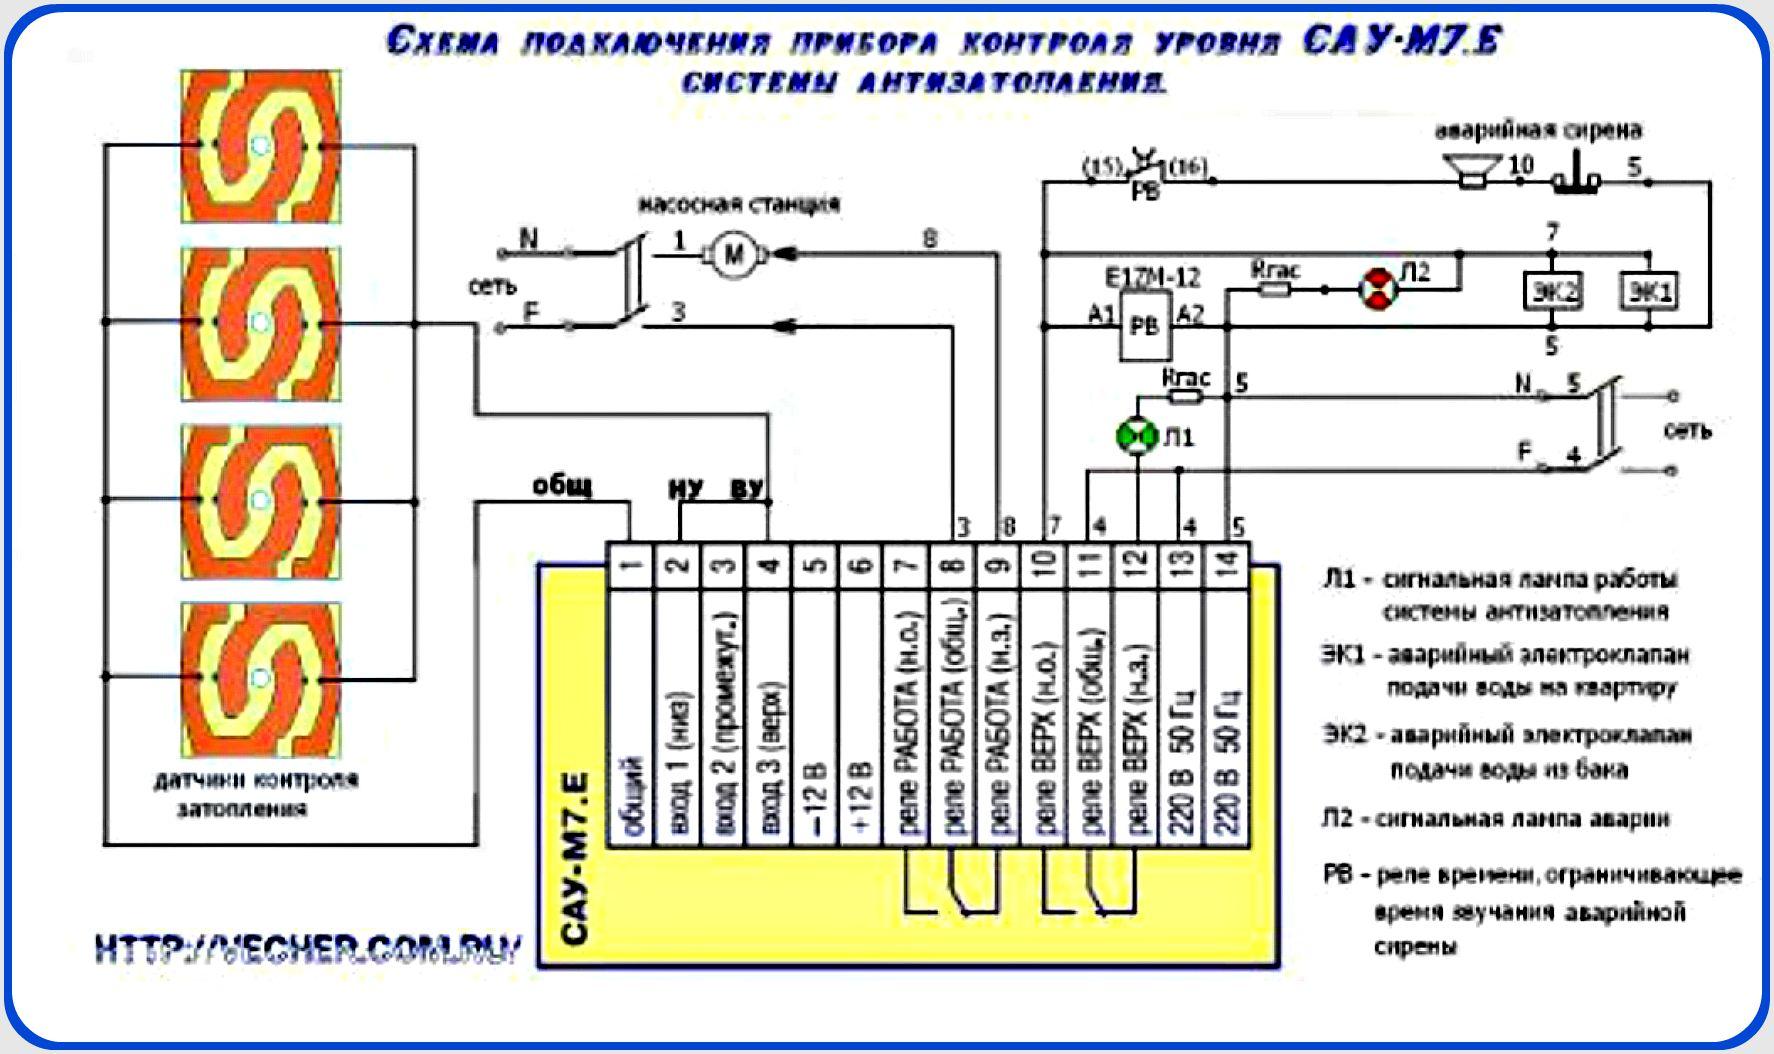 sxema-CAY-М7E